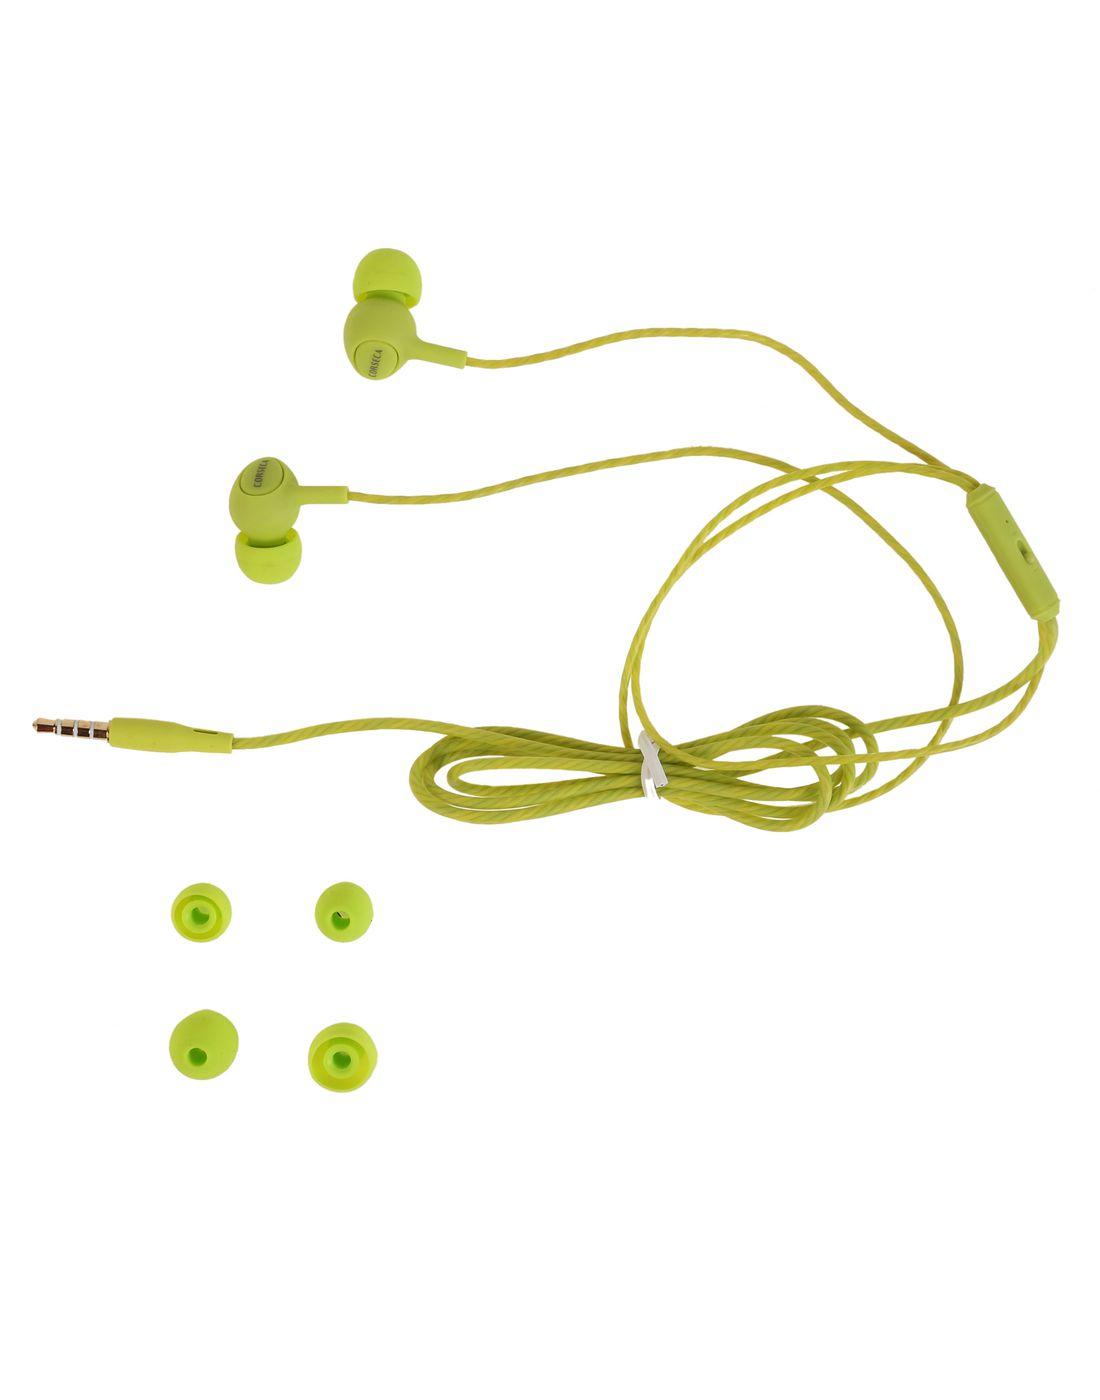 ec3b78d4e12 Corseca DMHF0027 In Ear Wired Earphones With Mic Green - Buy Corseca ...